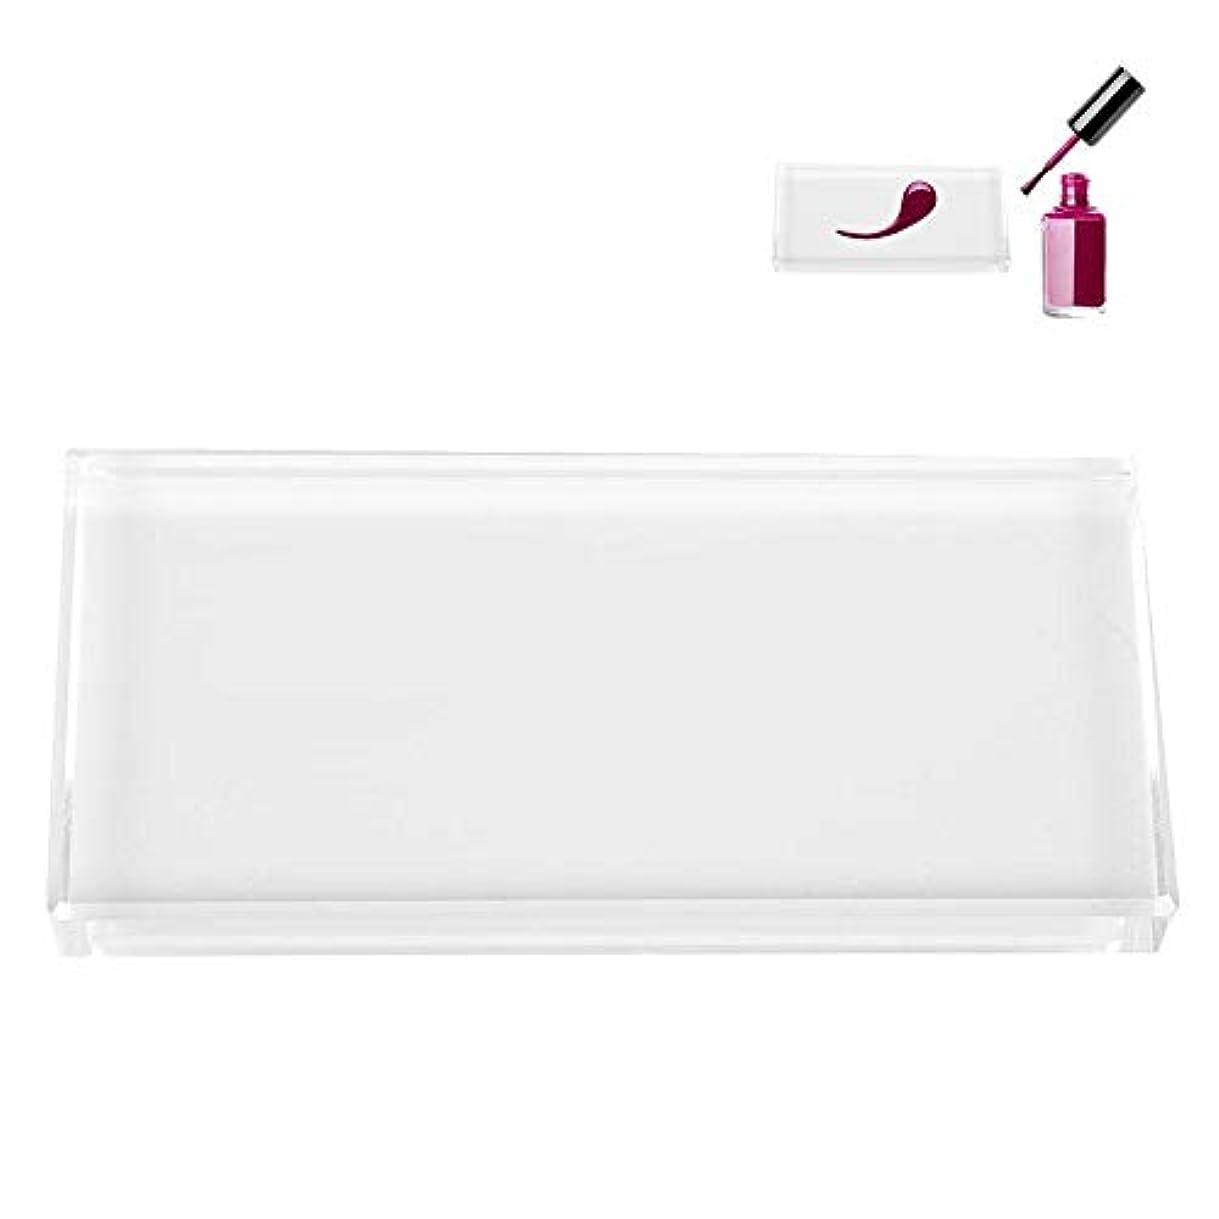 拒否ハーネス一貫性のないネイルパレット、ネイルアートパレット ネイルポリッシュプレゼンテーションプレート 透明ガラス 色塗料トレイ ネイルDIYツール(01)